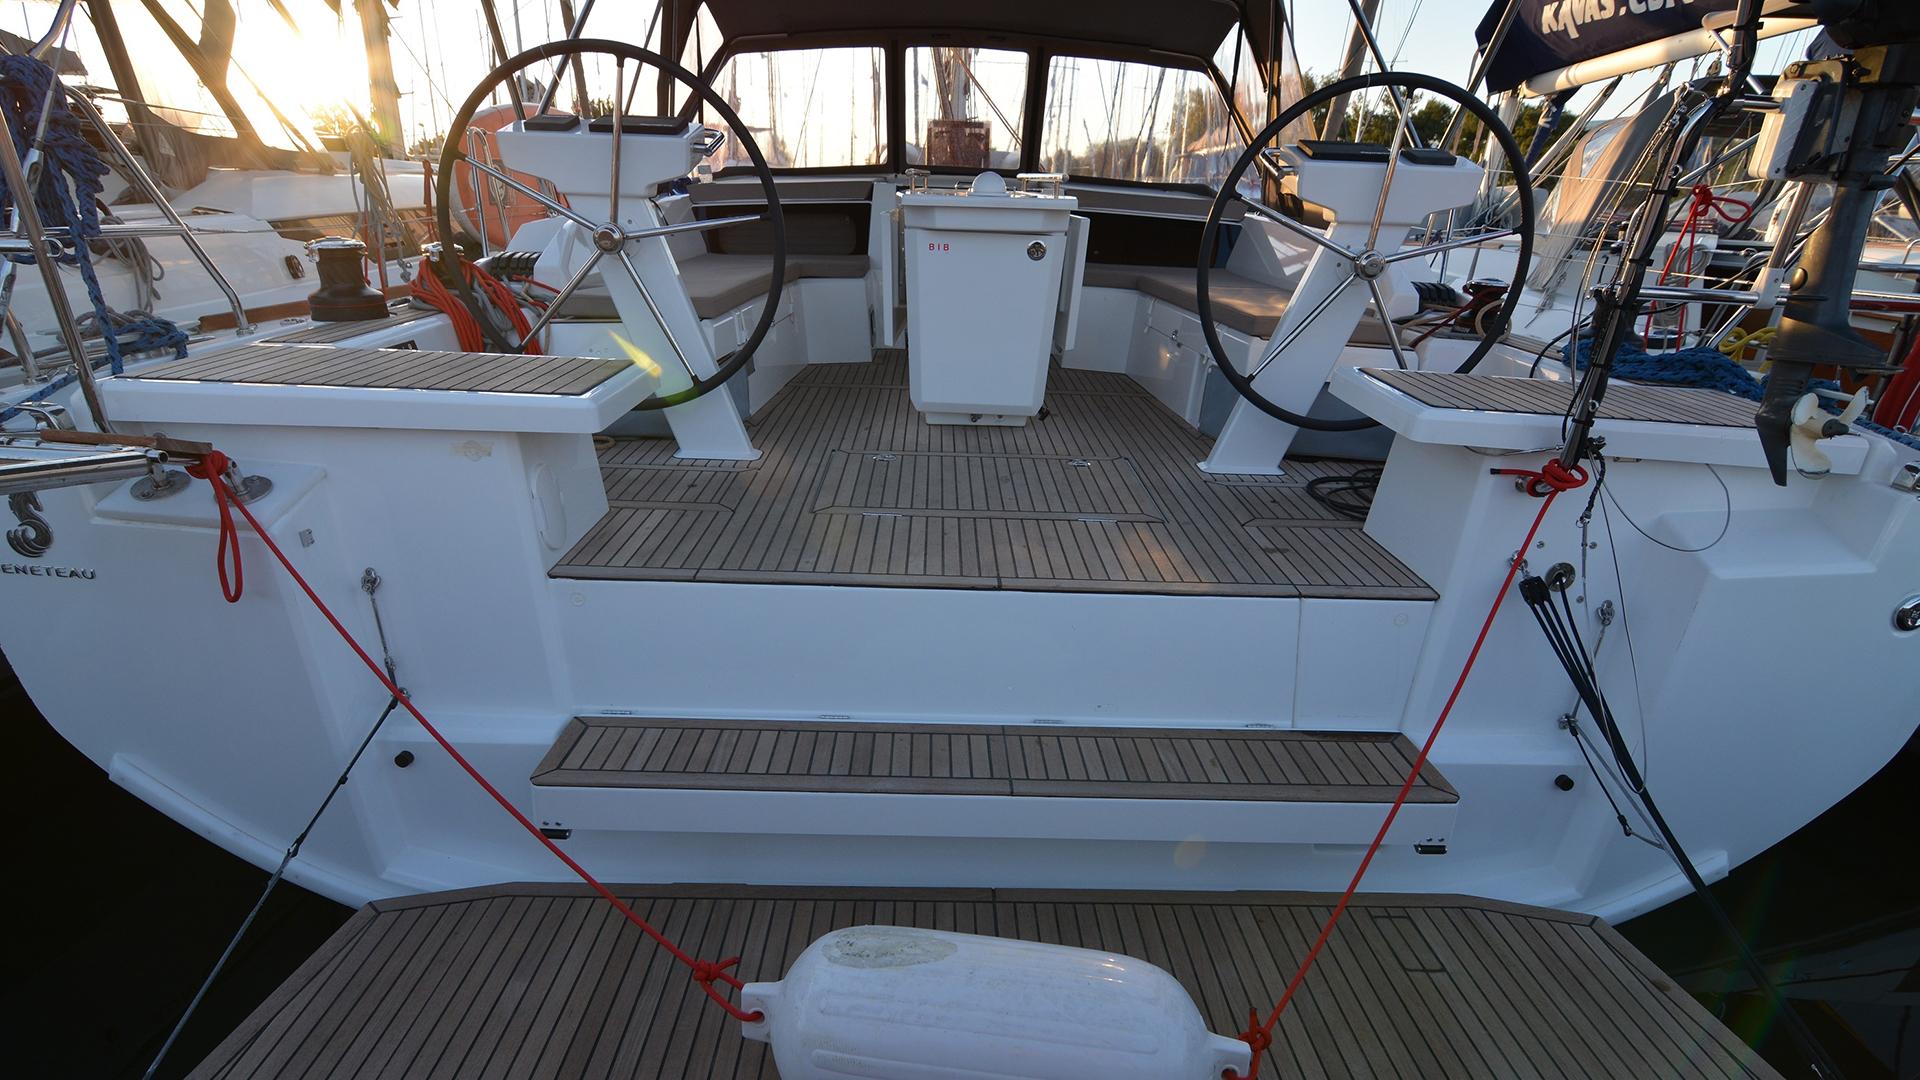 Oceanis 46.1 stern